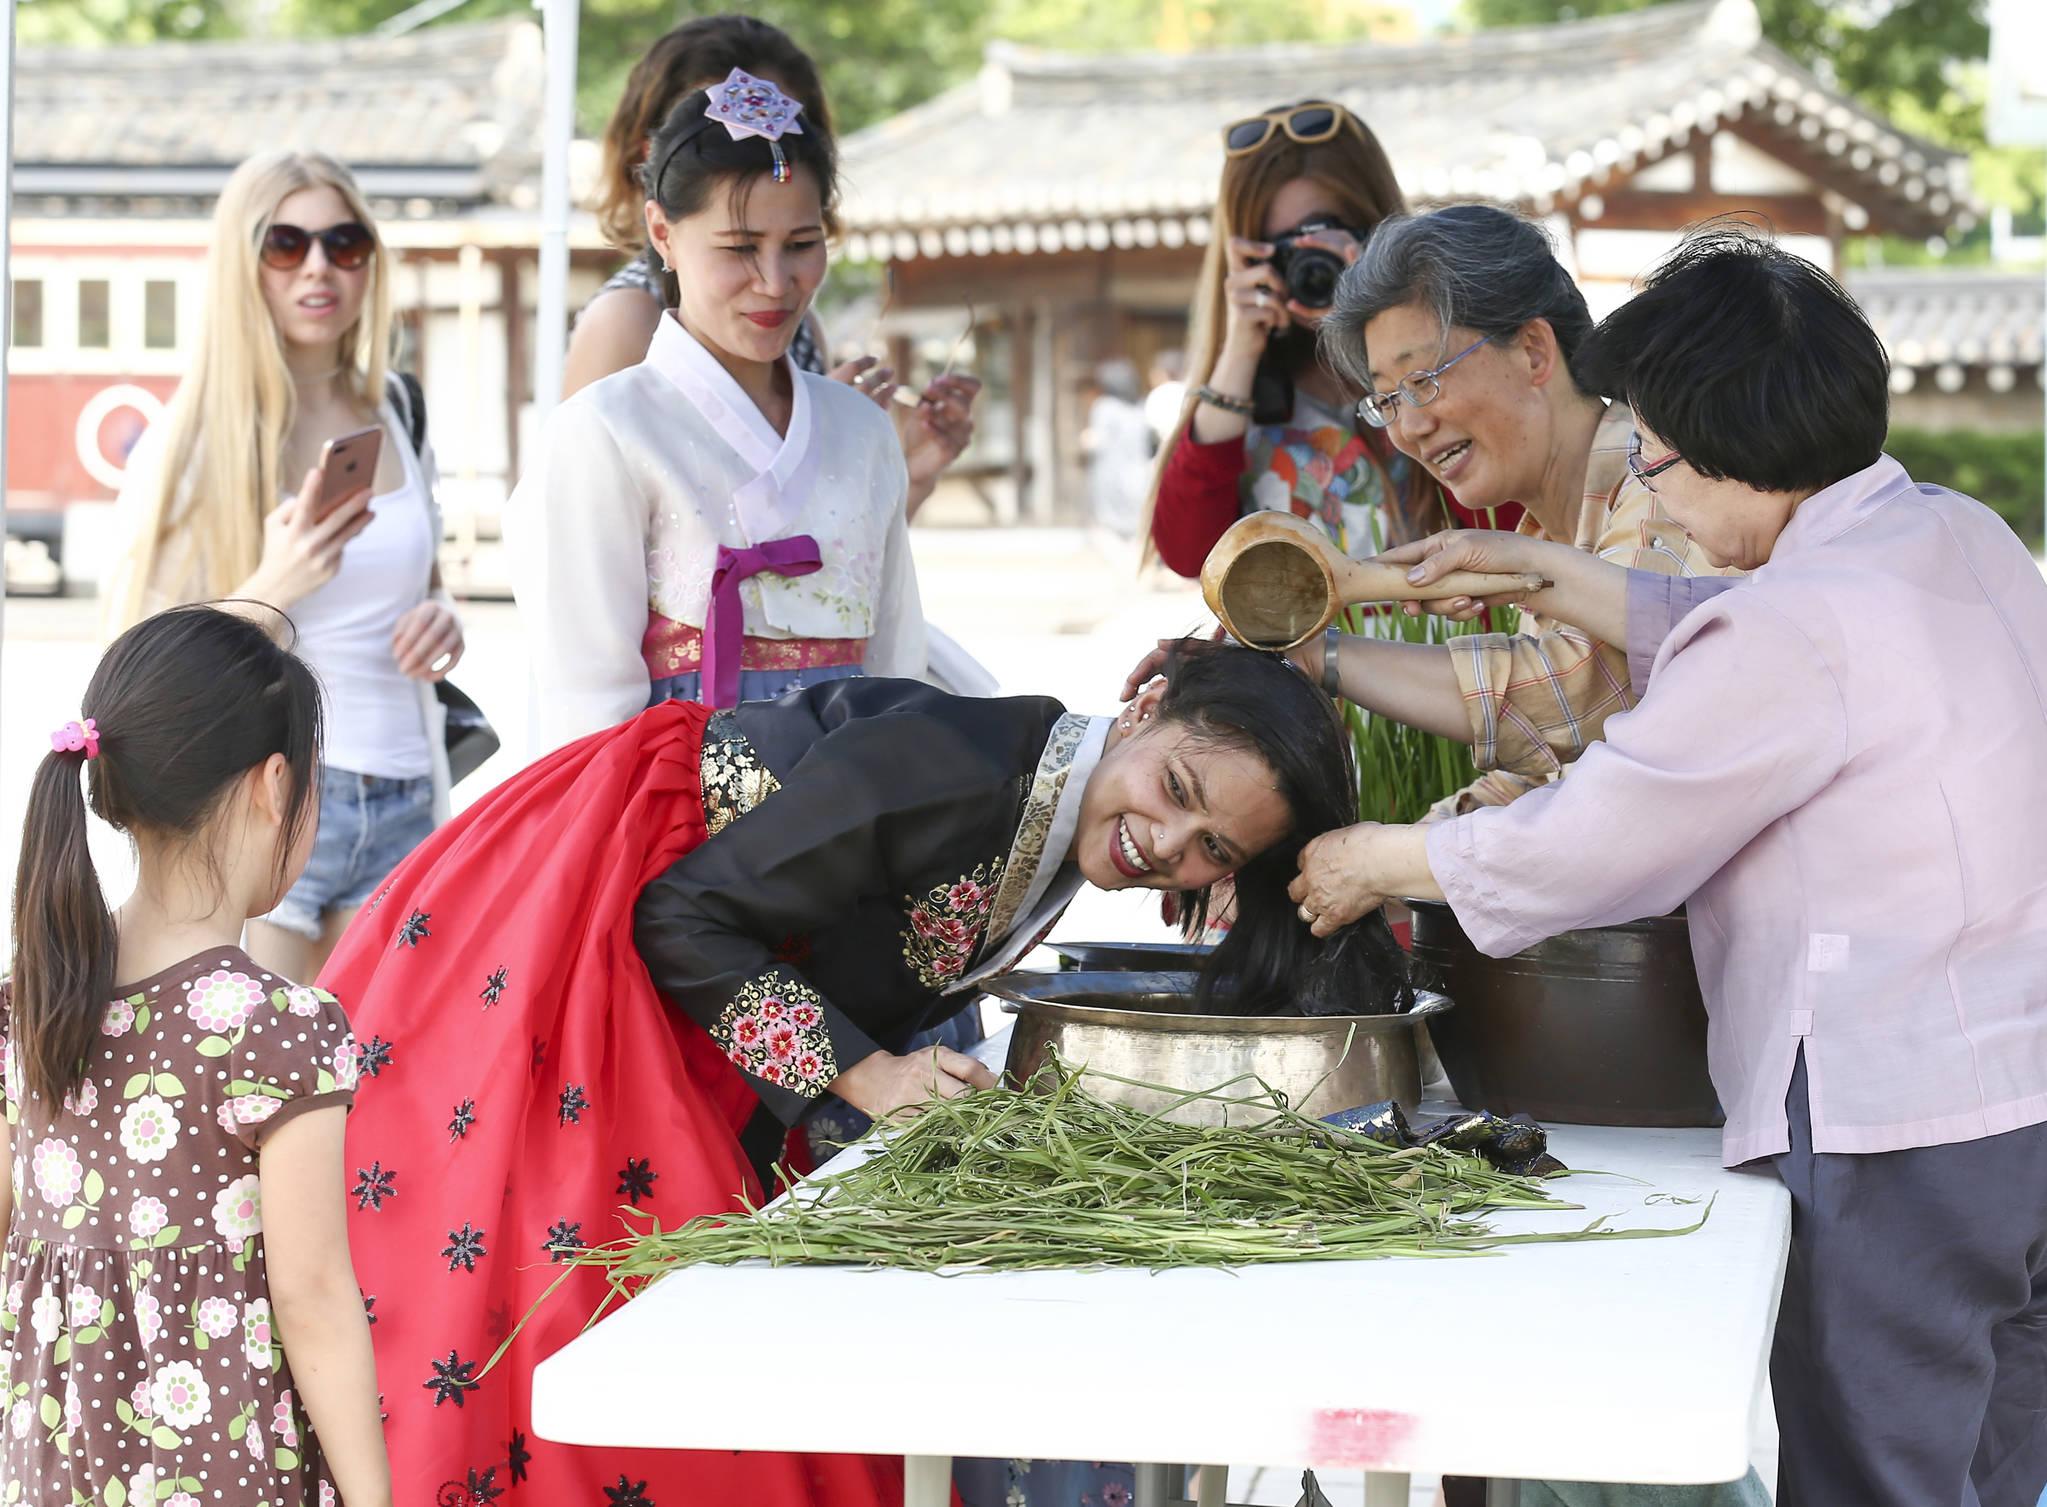 서울 국립민속박물관은 단오인 30일 단오부채만들기,창포물 머리감기 등 단오체험 프로그램을 마련했다. 외국인 관광객이 창포물 머리감기 체험을 하고 있다.임현동 기자